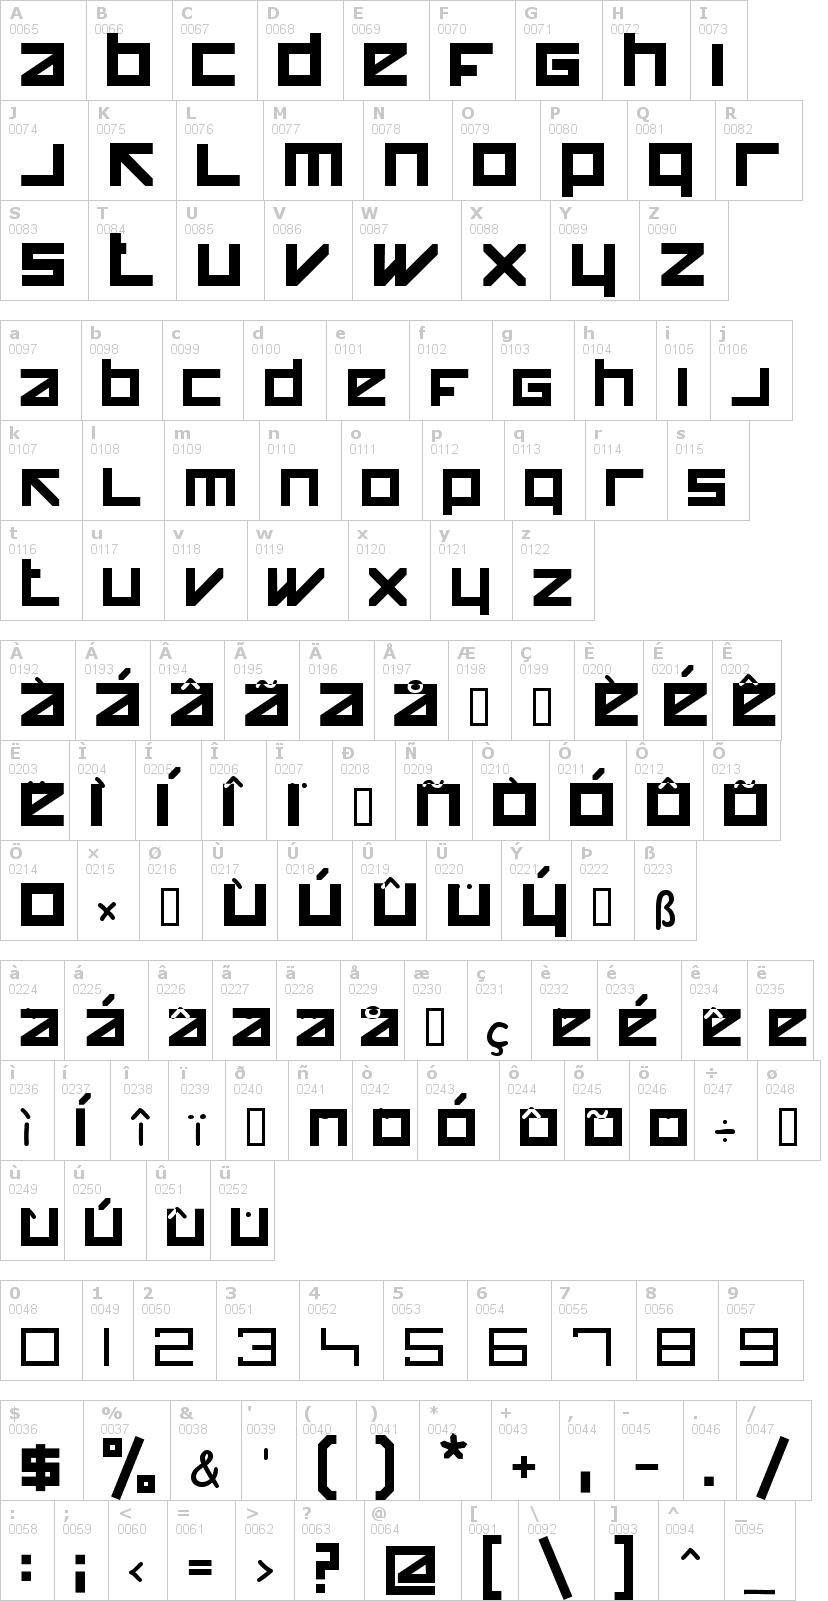 Lettere dell'alfabeto del font happy-killer con le quali è possibile realizzare adesivi prespaziati